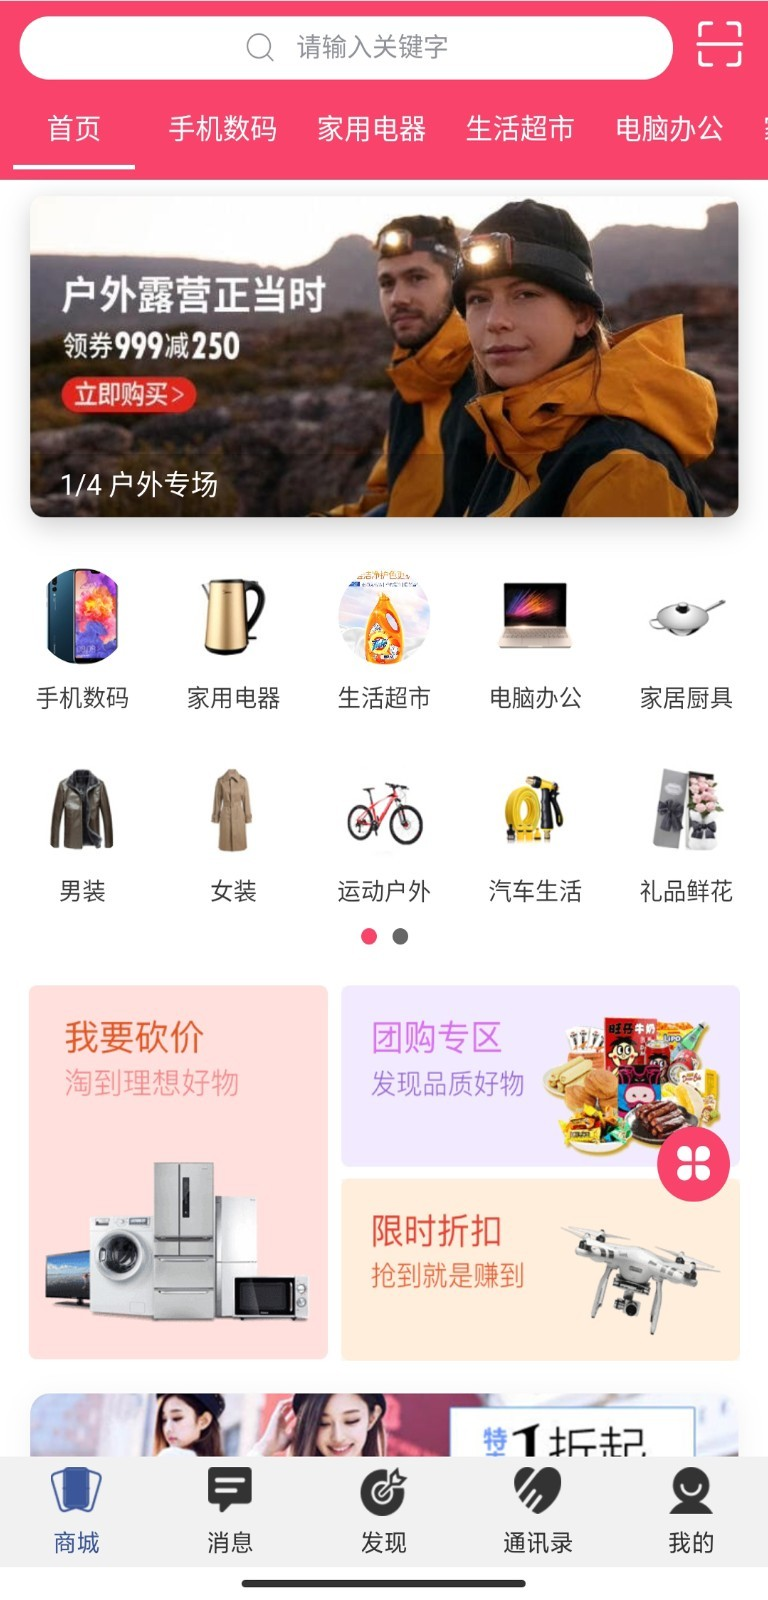 秘友汇appv1.0 手机版